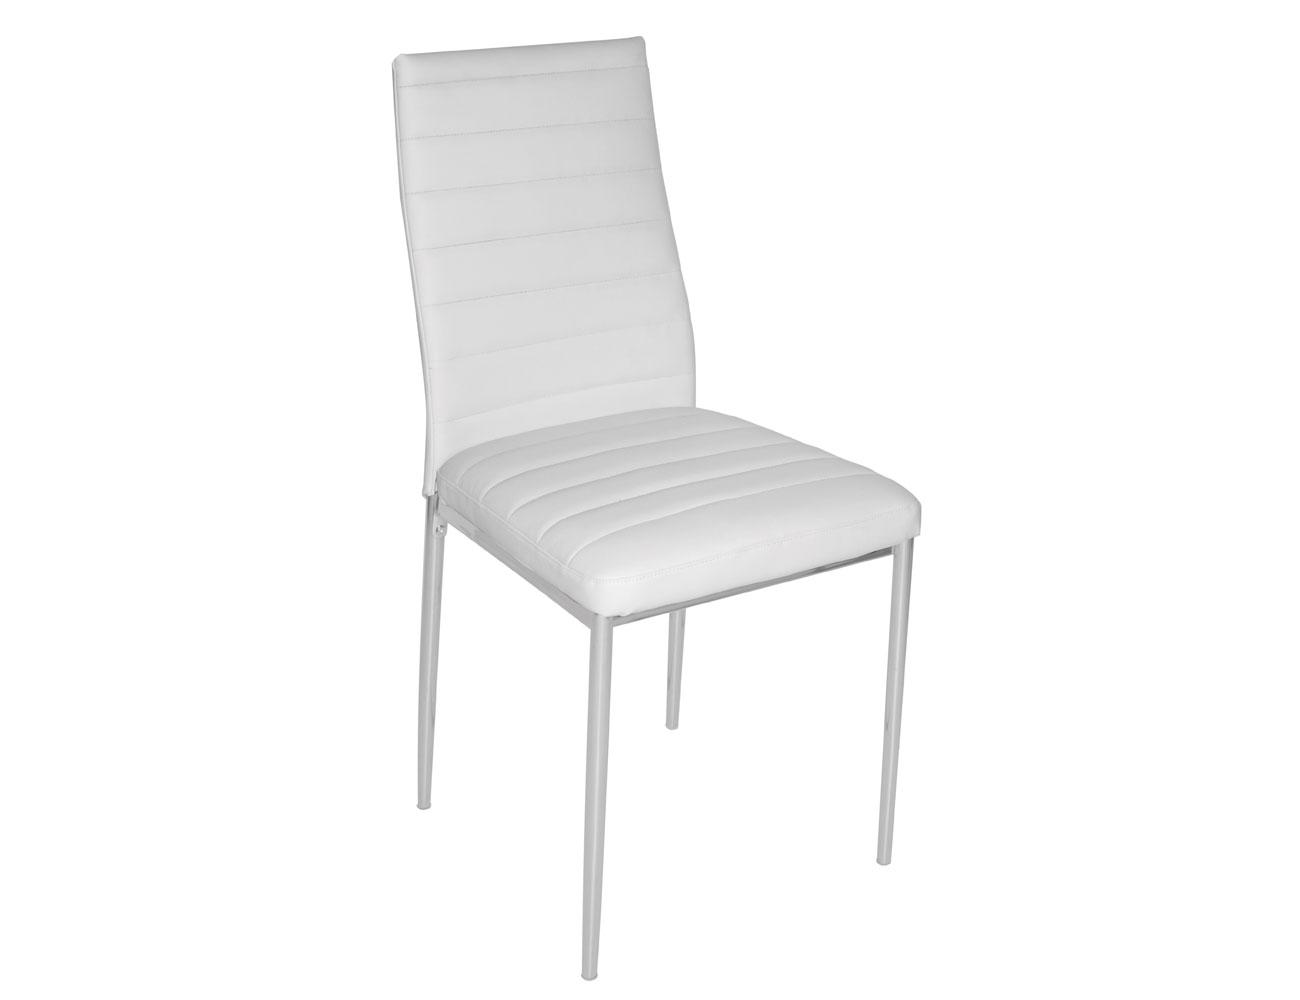 Silla de comedor tapizada en polipiel blanco con patas plata factory del mueble utrera - Sillas comedor polipiel ...